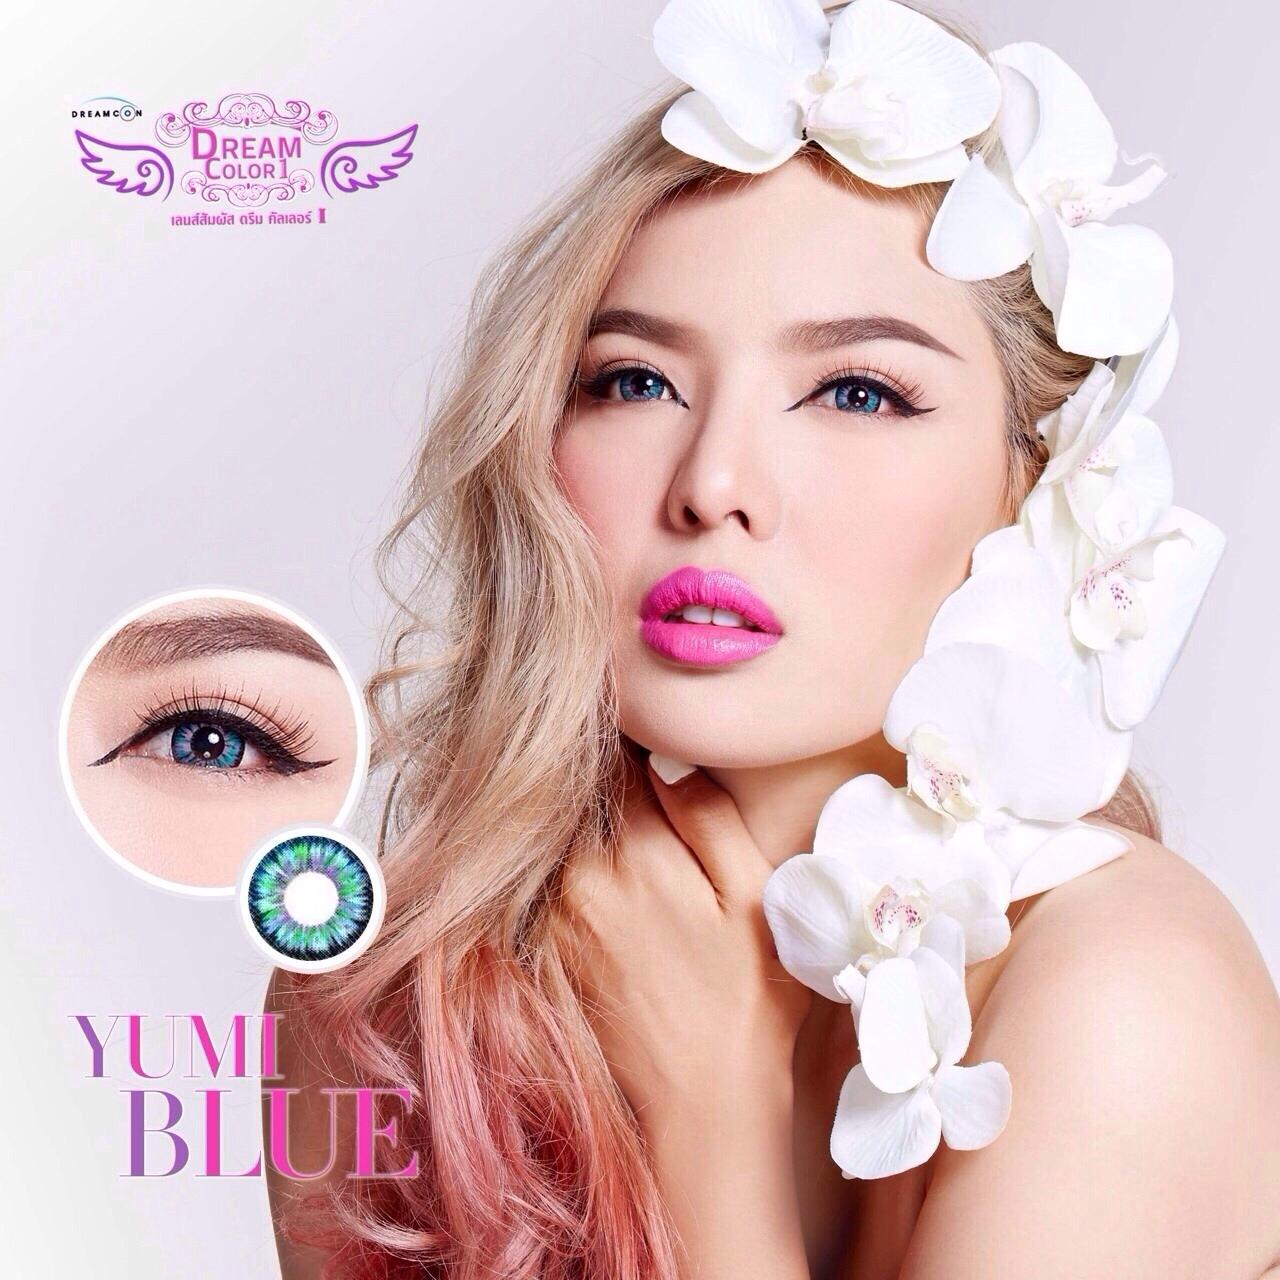 Yumi Blue Dreamcolor1 คอนแทคเลนส์ ขายส่งคอนแทคเลนส์ Bigeyeเกาหลี ขายส่งตลับคอนแทคเลนส์ ขายส่งน้ำยาล้างคอนแทคเลนส์